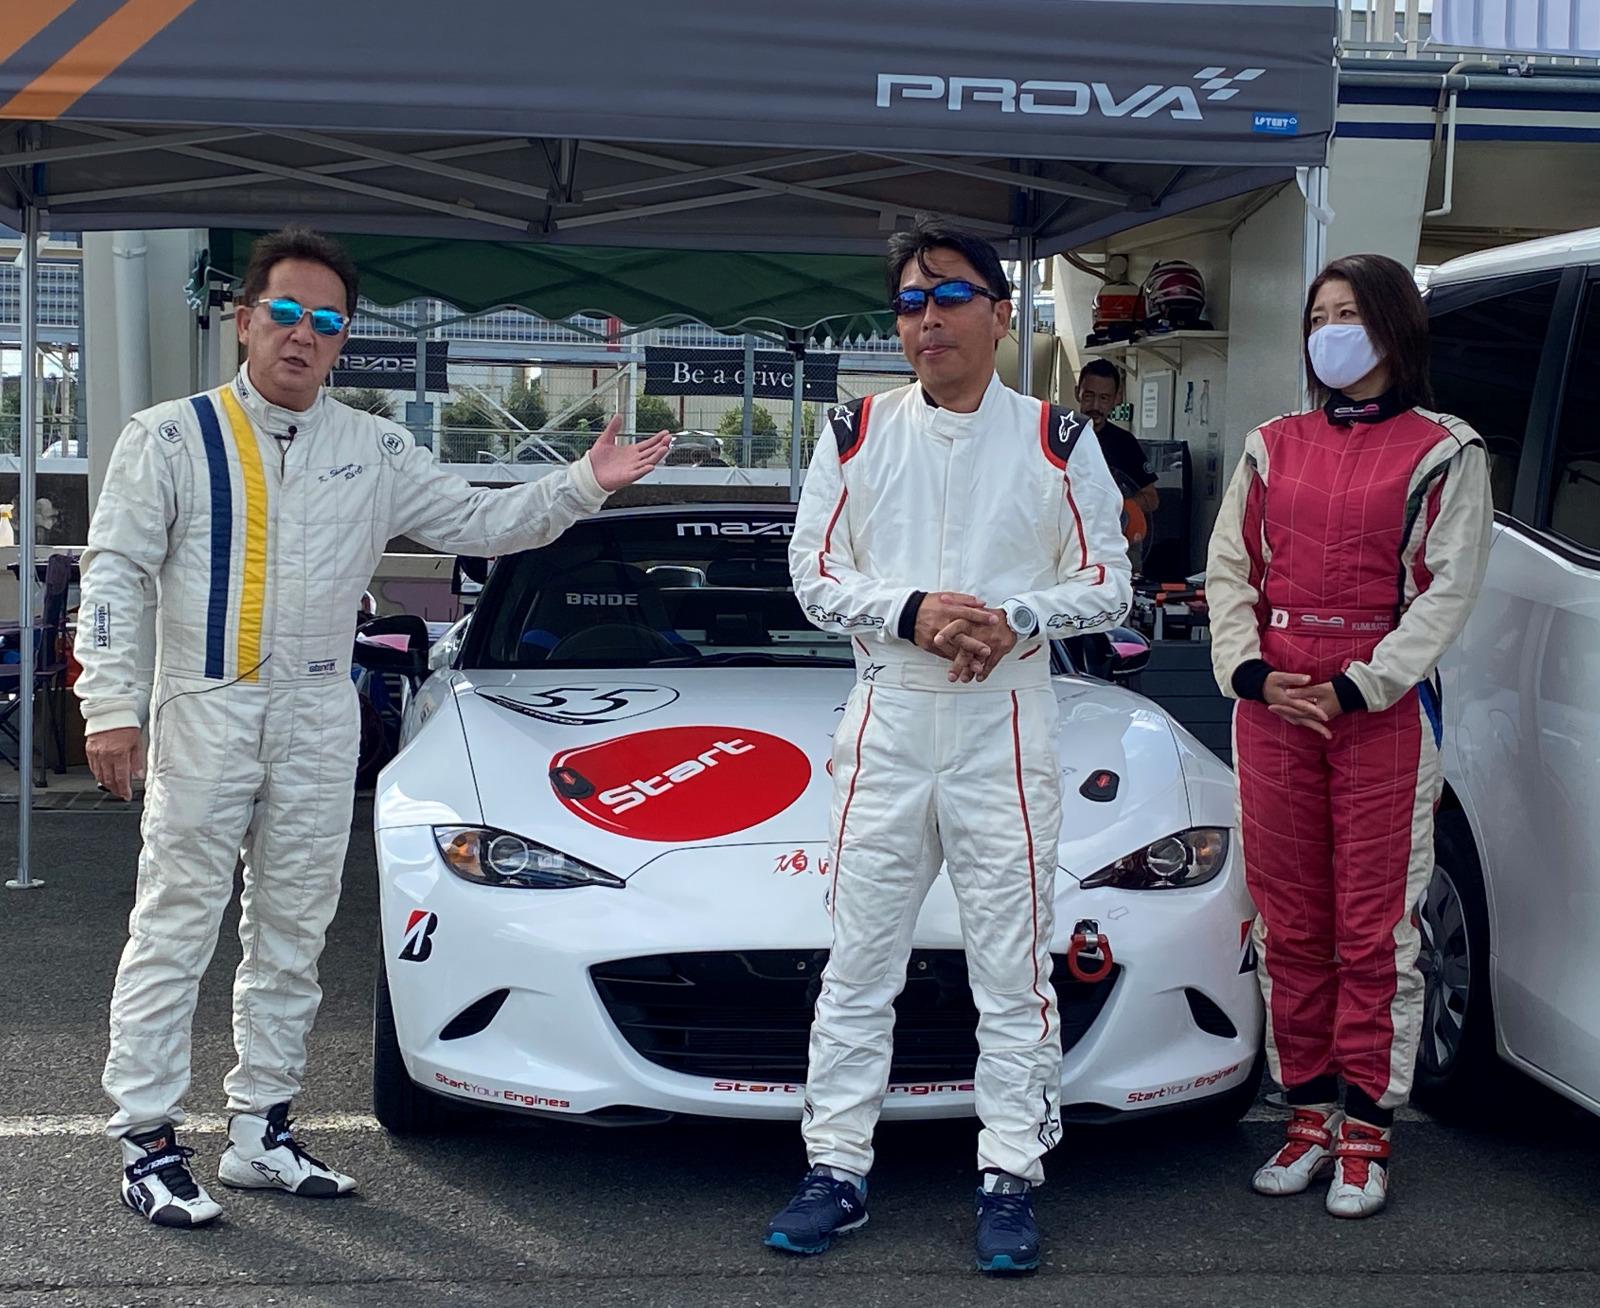 「恒例・清水和夫組のメディア対抗ロードスター耐久レースは予選12位→結果6位入賞。でも「来年は倍返しだ!」【頑固一徹和・番外編】」の10枚目の画像